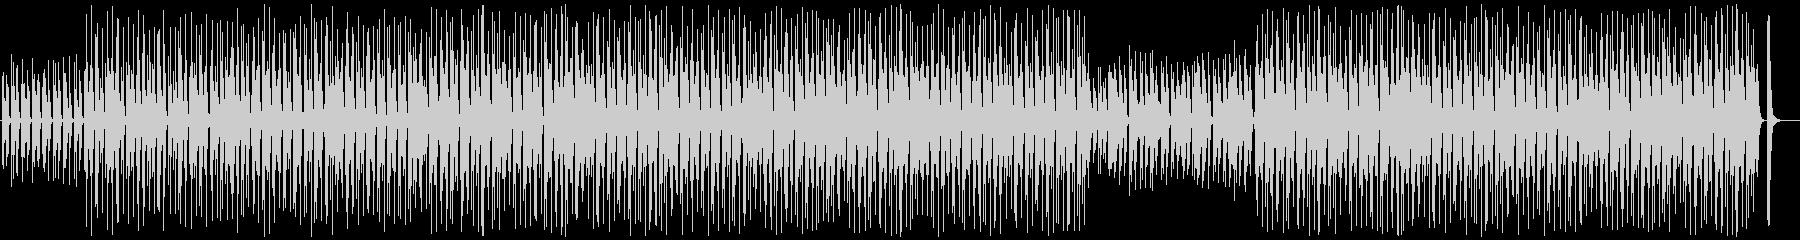 Ukulele, whistling, slow, leisurely's unreproduced waveform